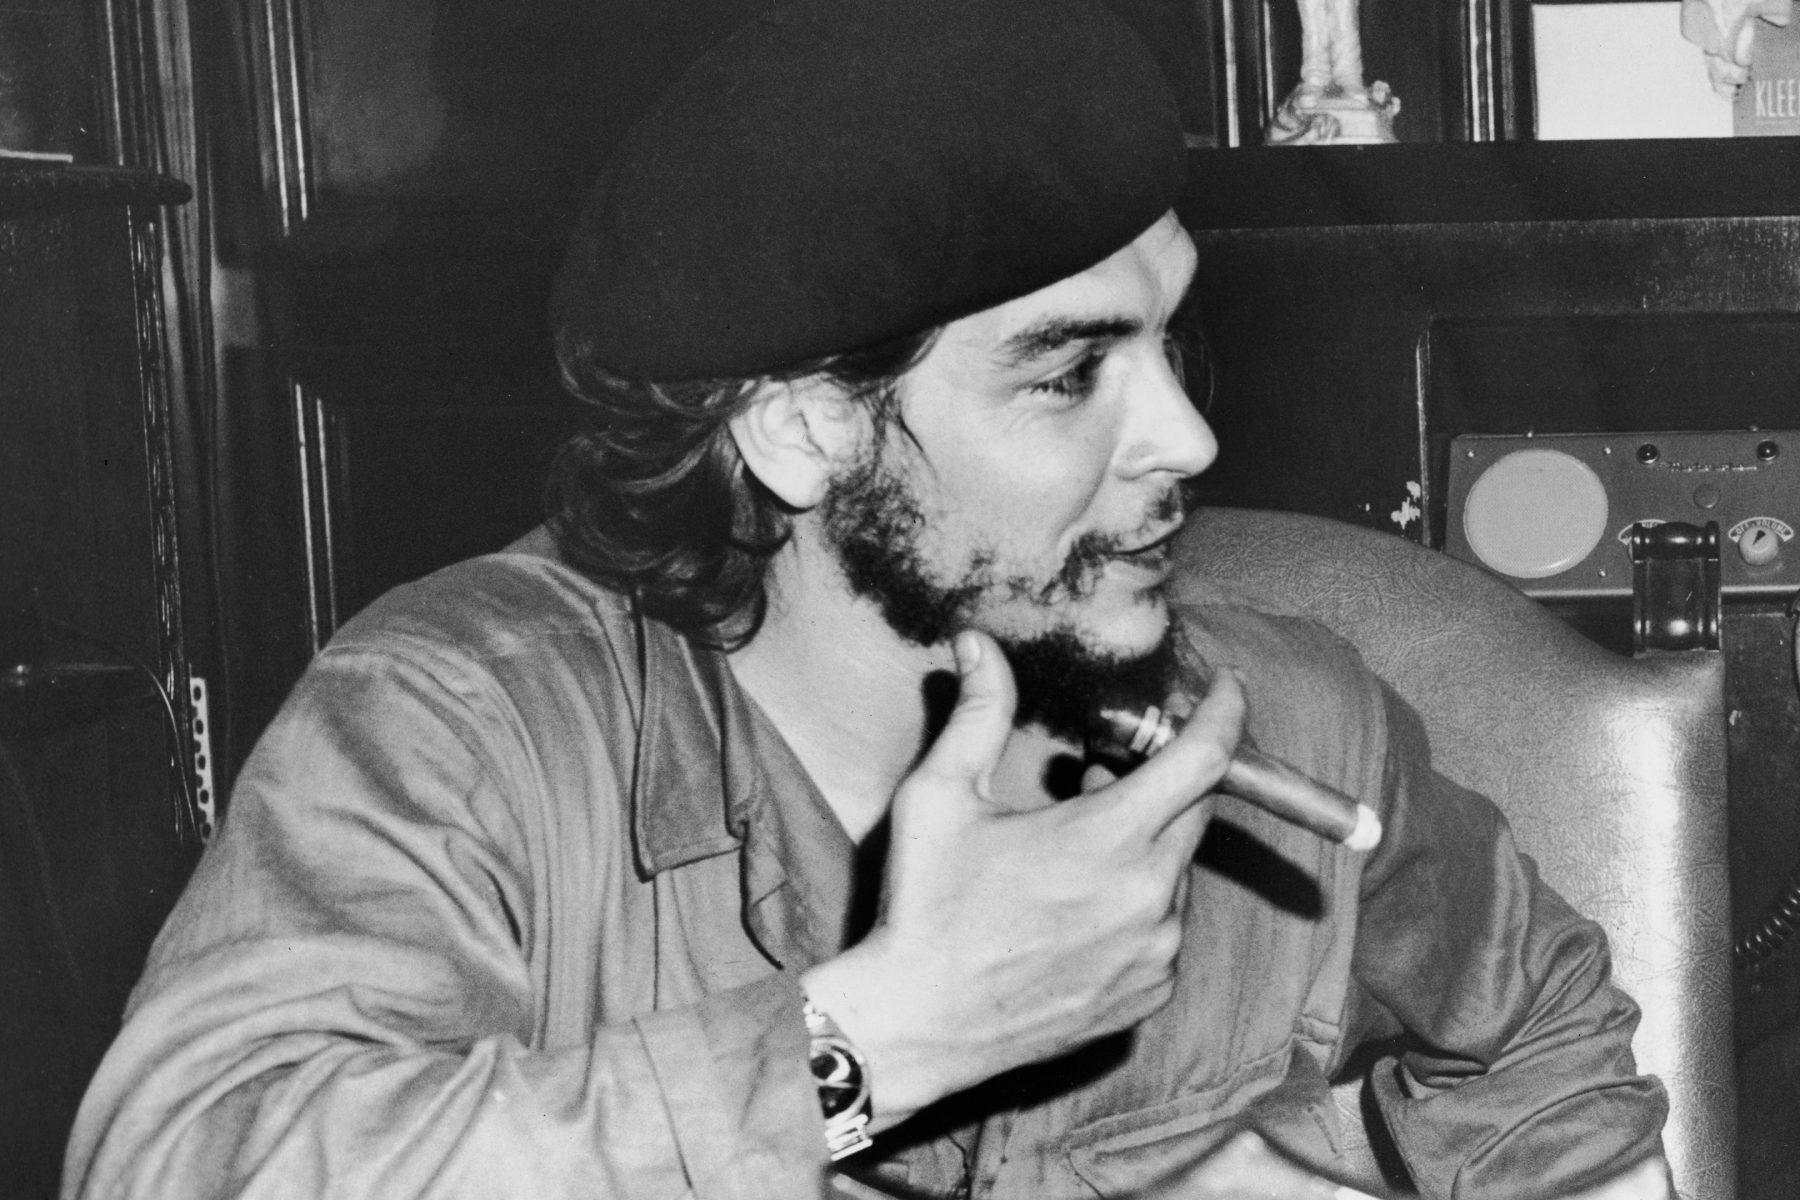 El legado del Che / Héctor Aguilar Camín